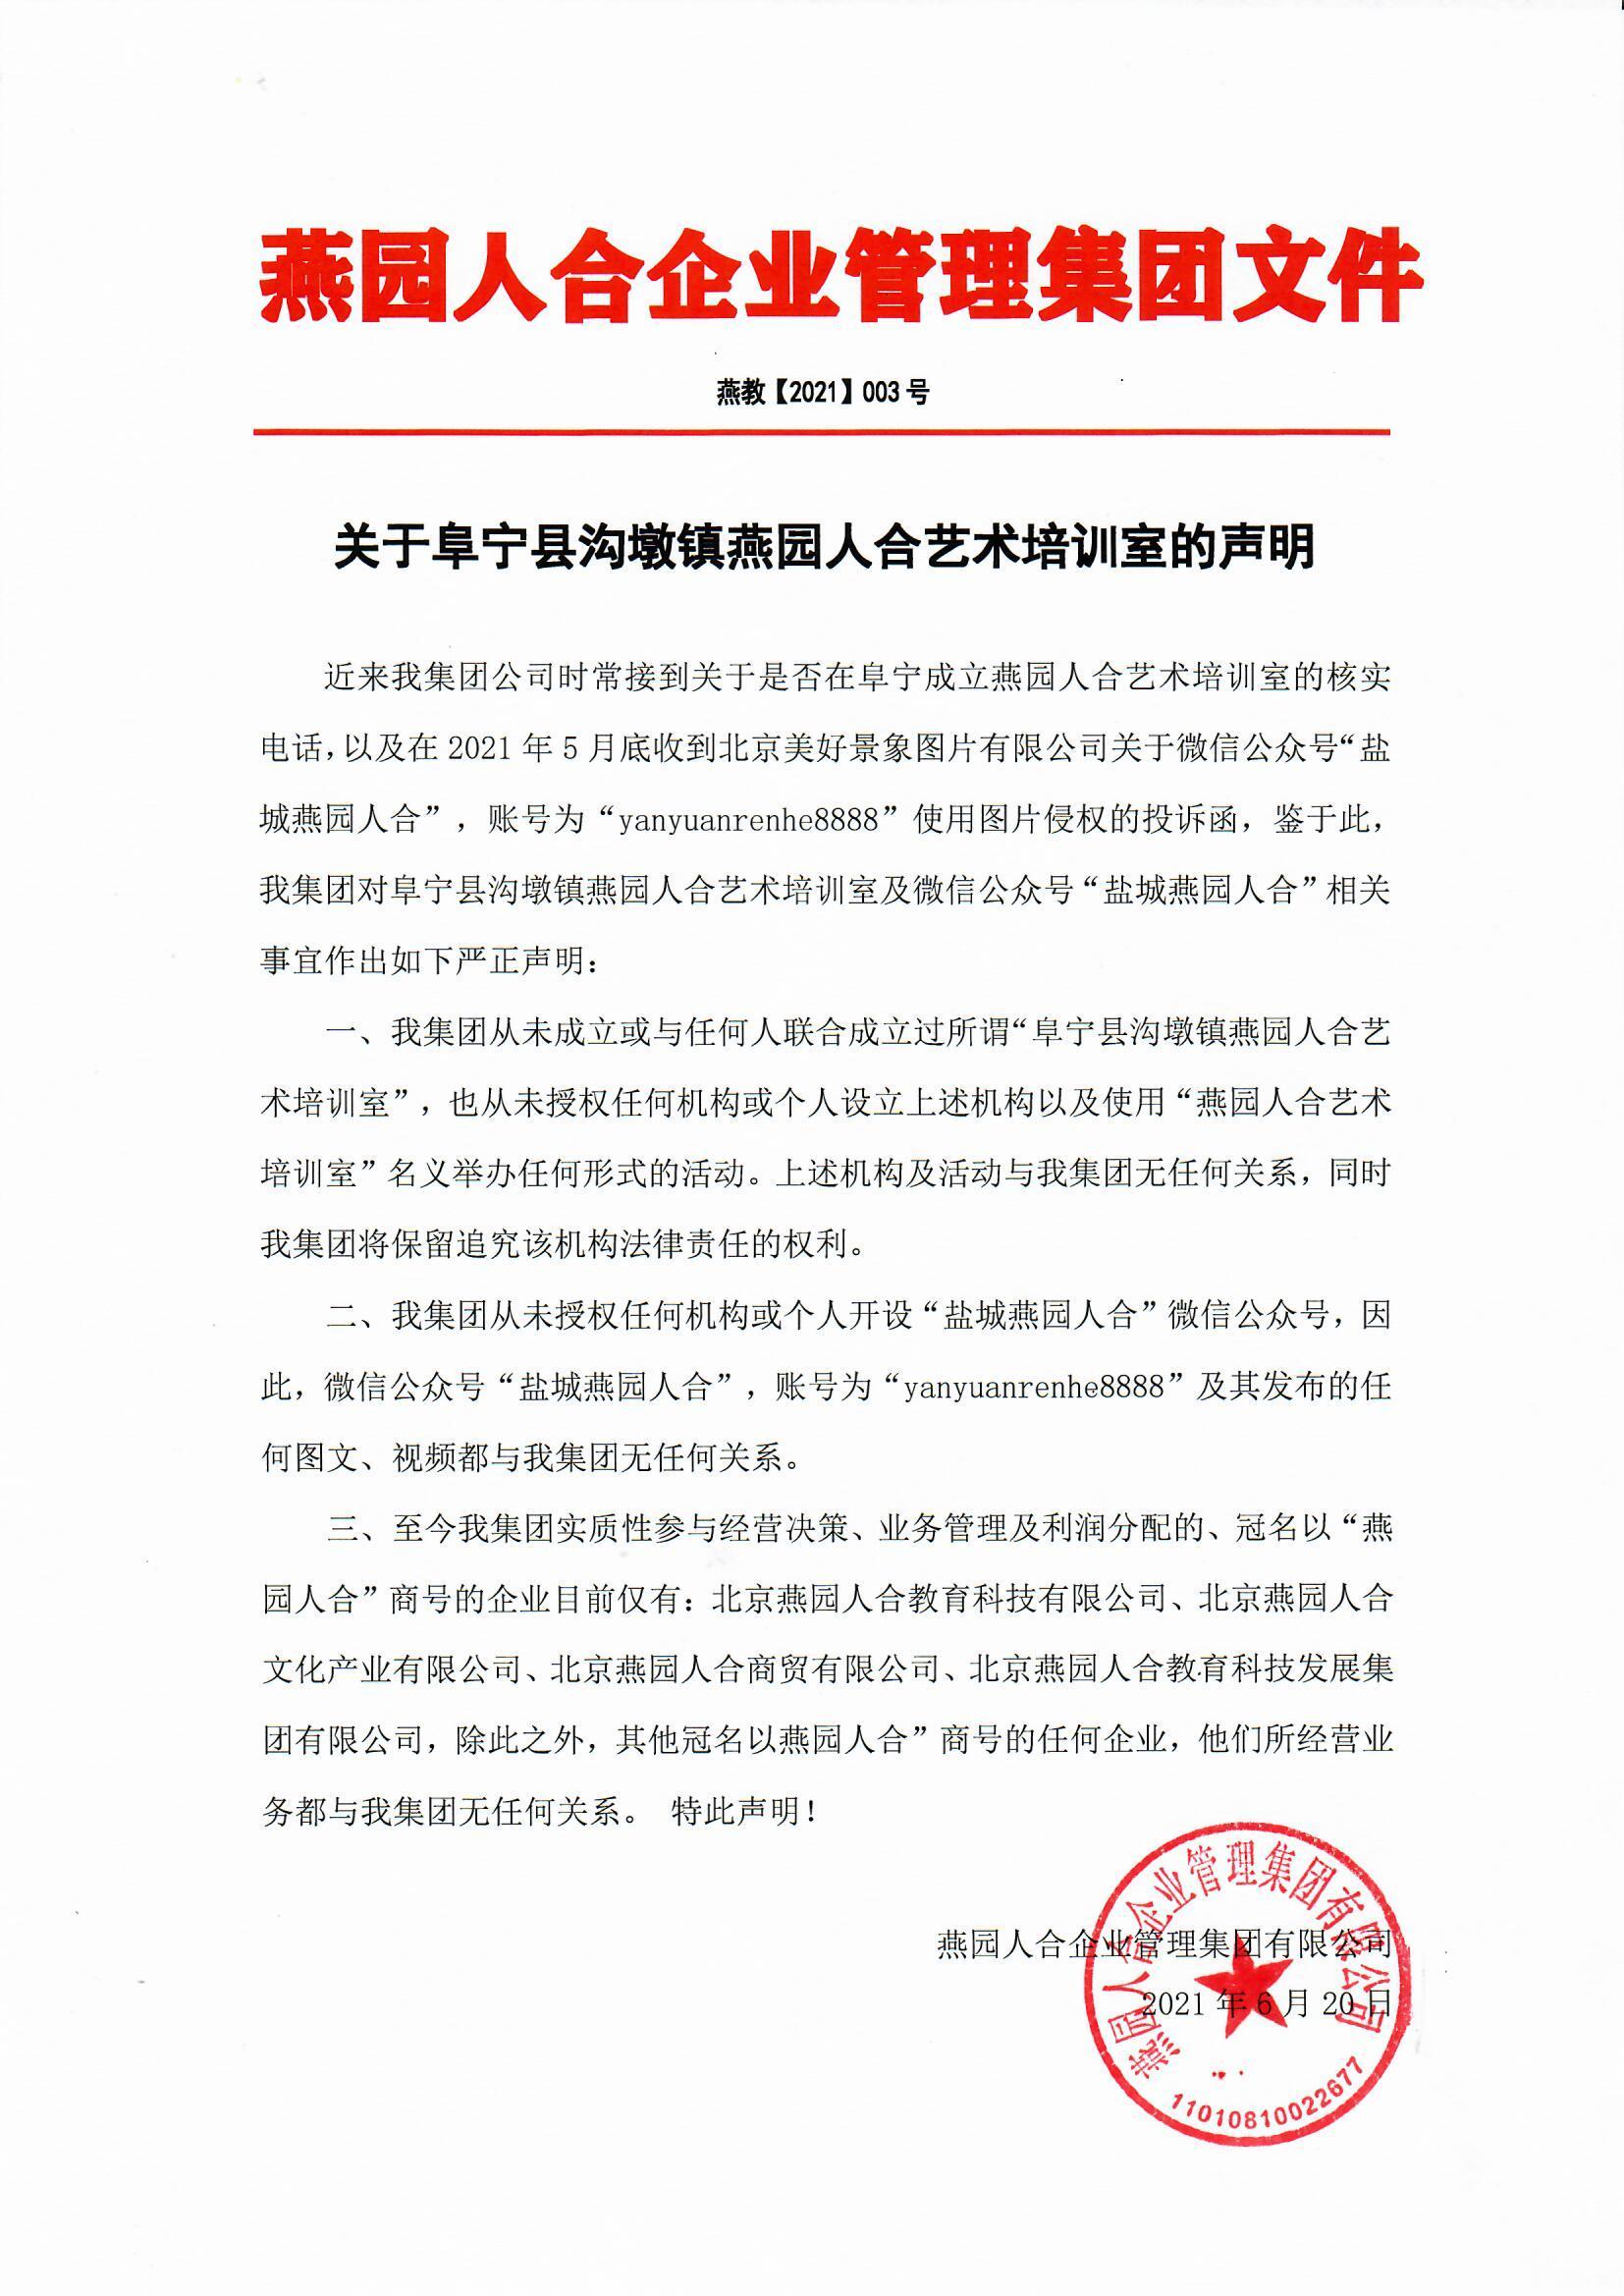 关于阜宁县沟墩镇燕园人合艺术培训室的公告